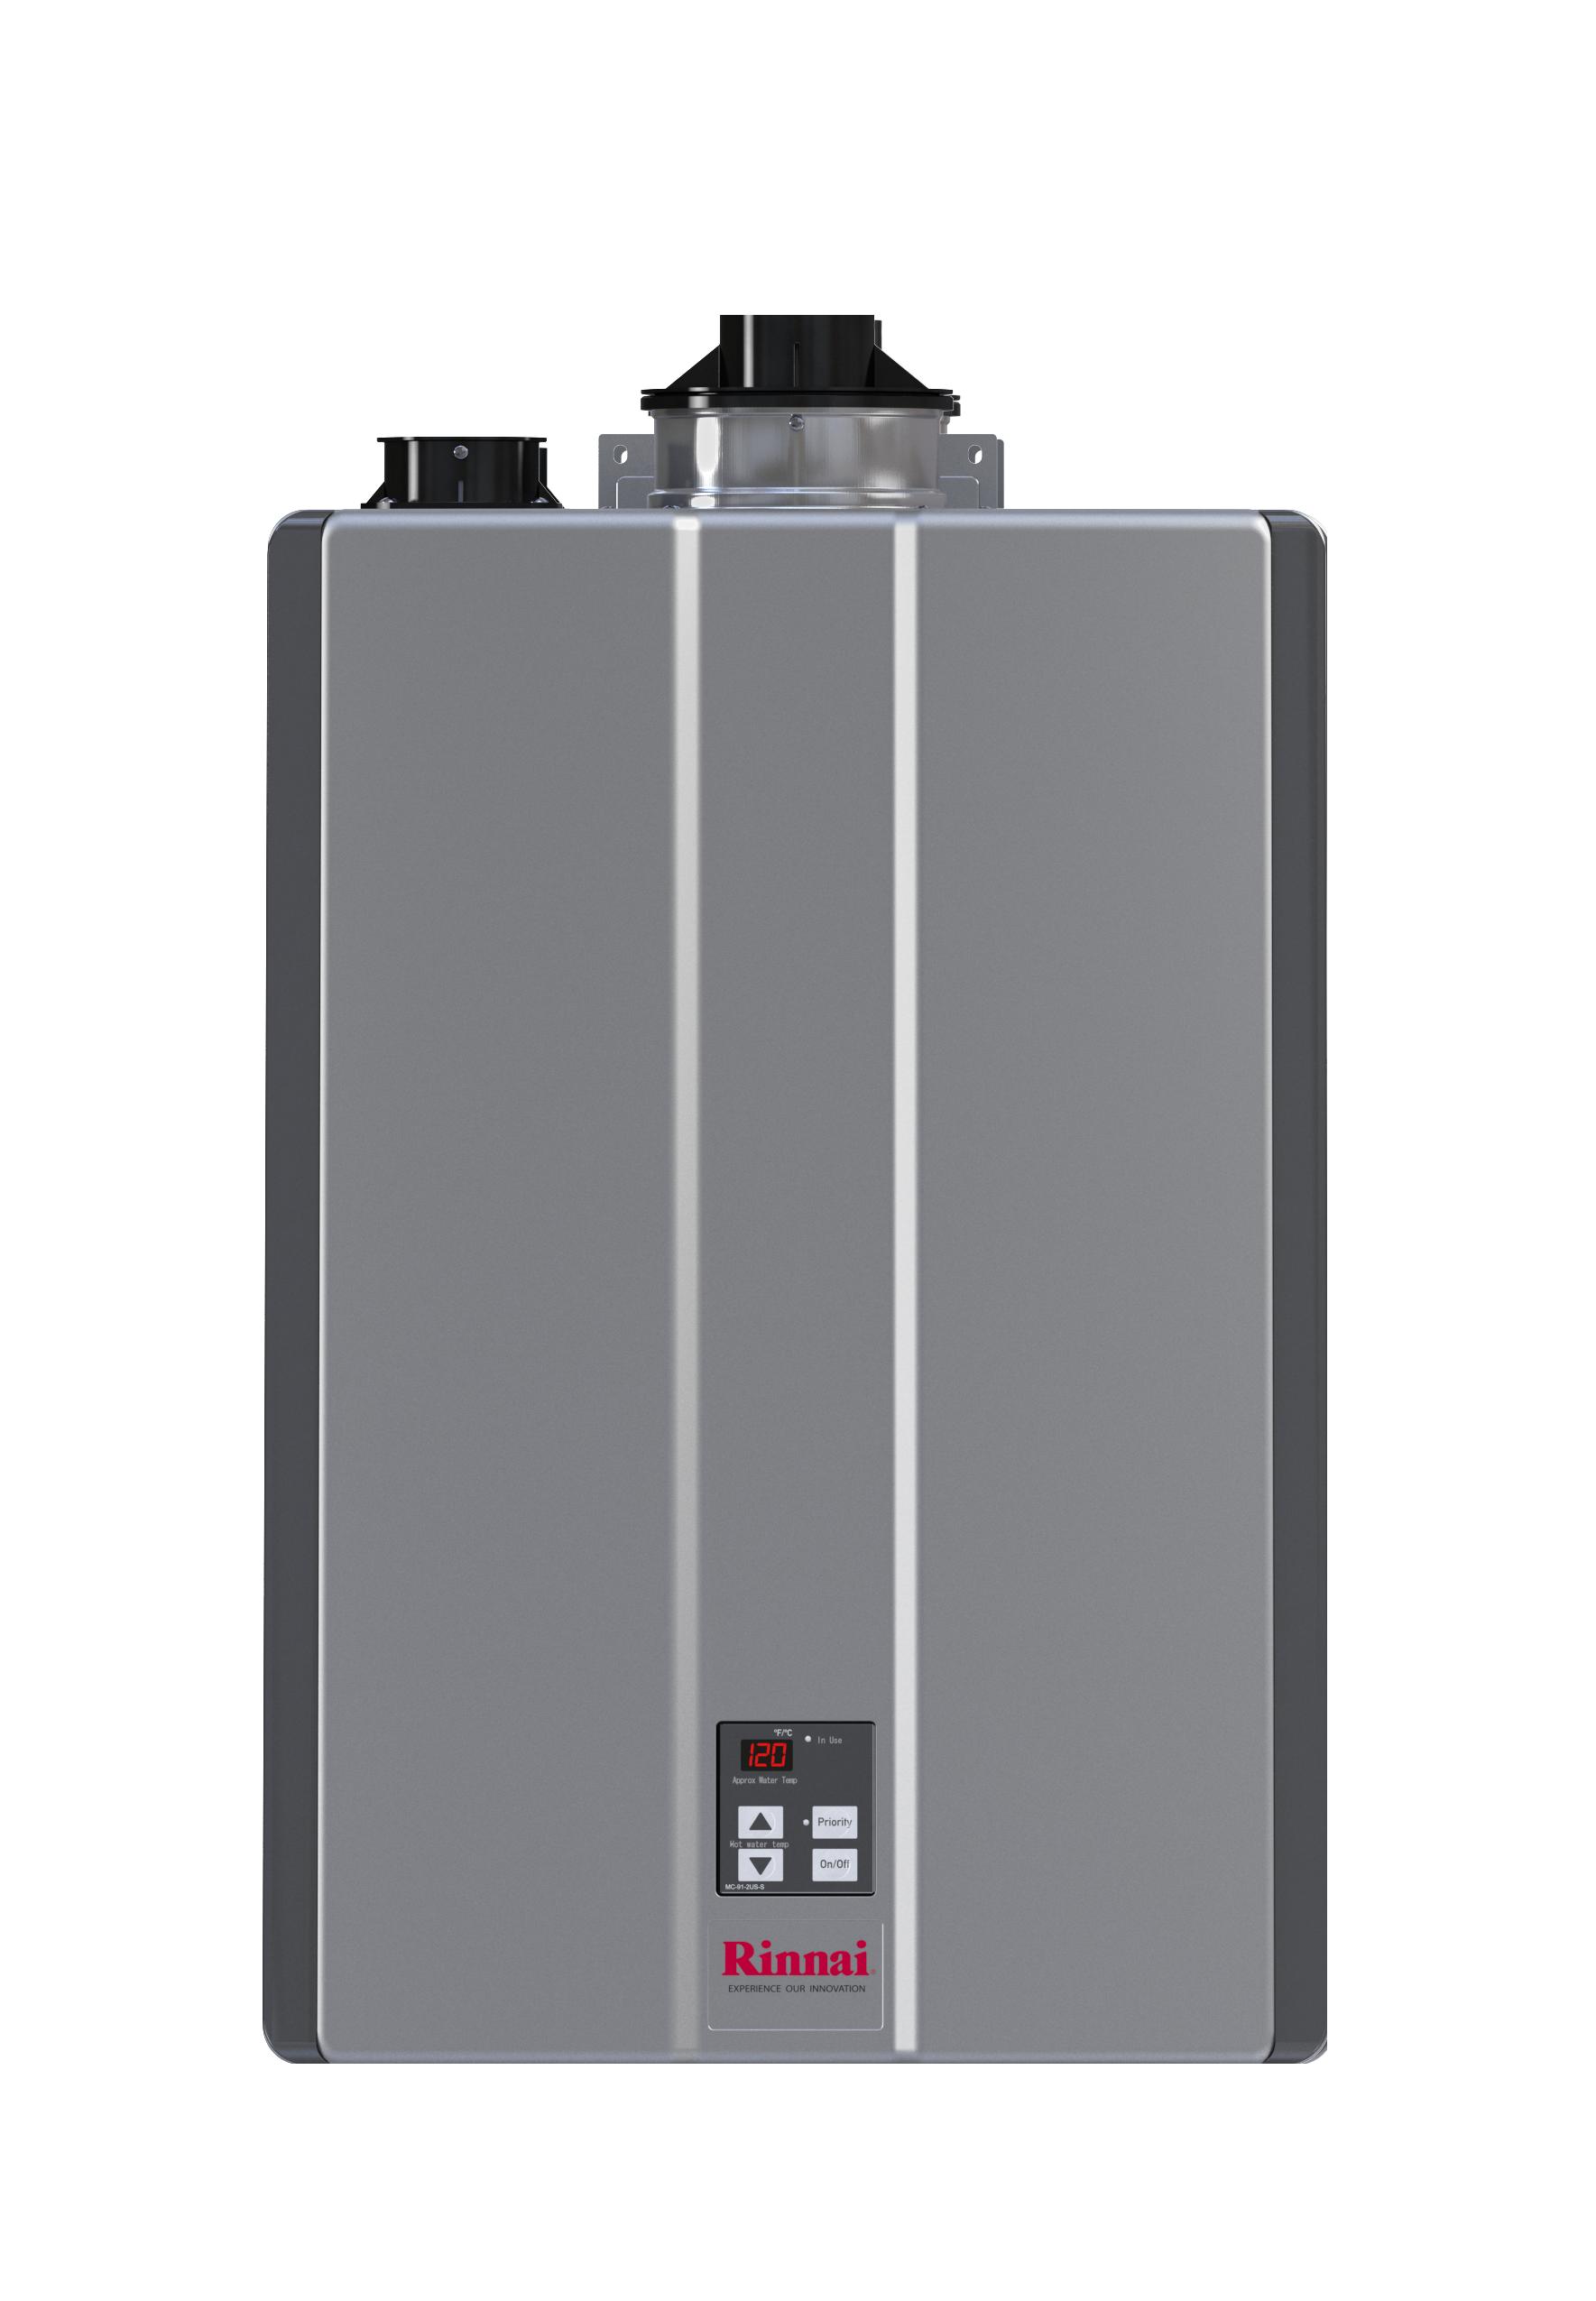 ru199in tankless water heater rinnairu199in ru model series super high efficiency plus tankless water heater